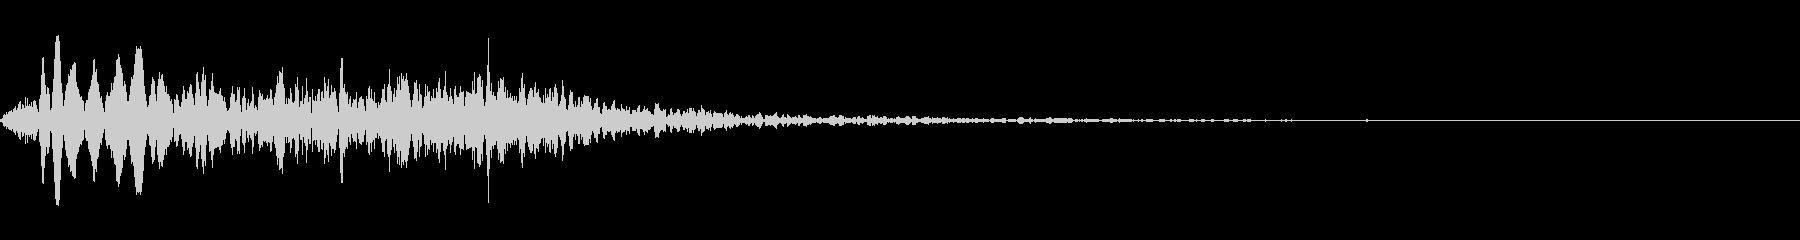 吹きすさぶ風・竜巻系の魔法(低レベル)mの未再生の波形